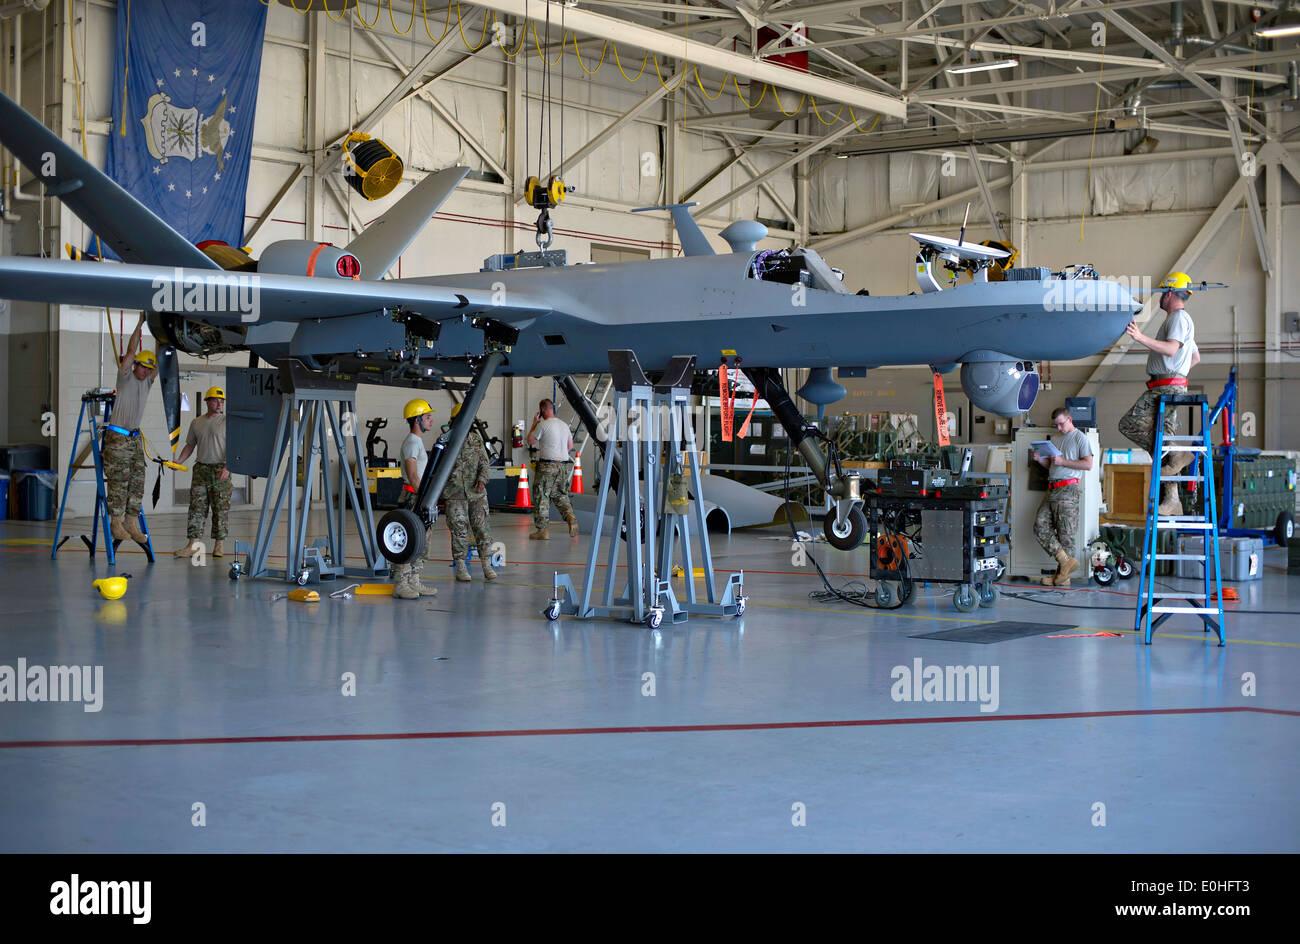 De l'Aviateur de l'US Air Force Air Force Base Canon assembler un MQ-9 Reaper drone 23 Avril, 2014 à Hurlburt Field, en Floride. Photo Stock